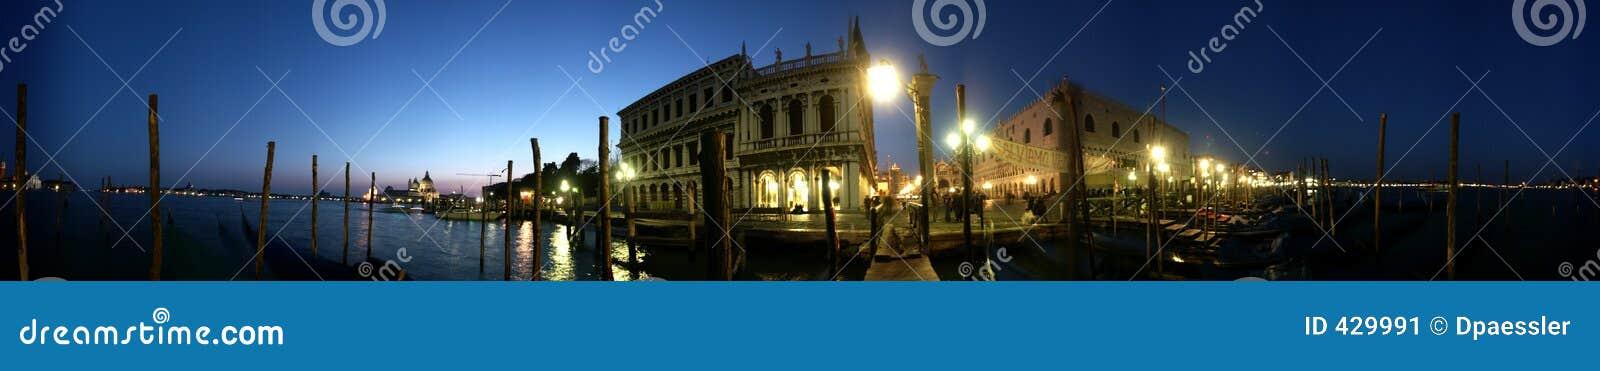 Marco晚上全景广场圣・威尼斯